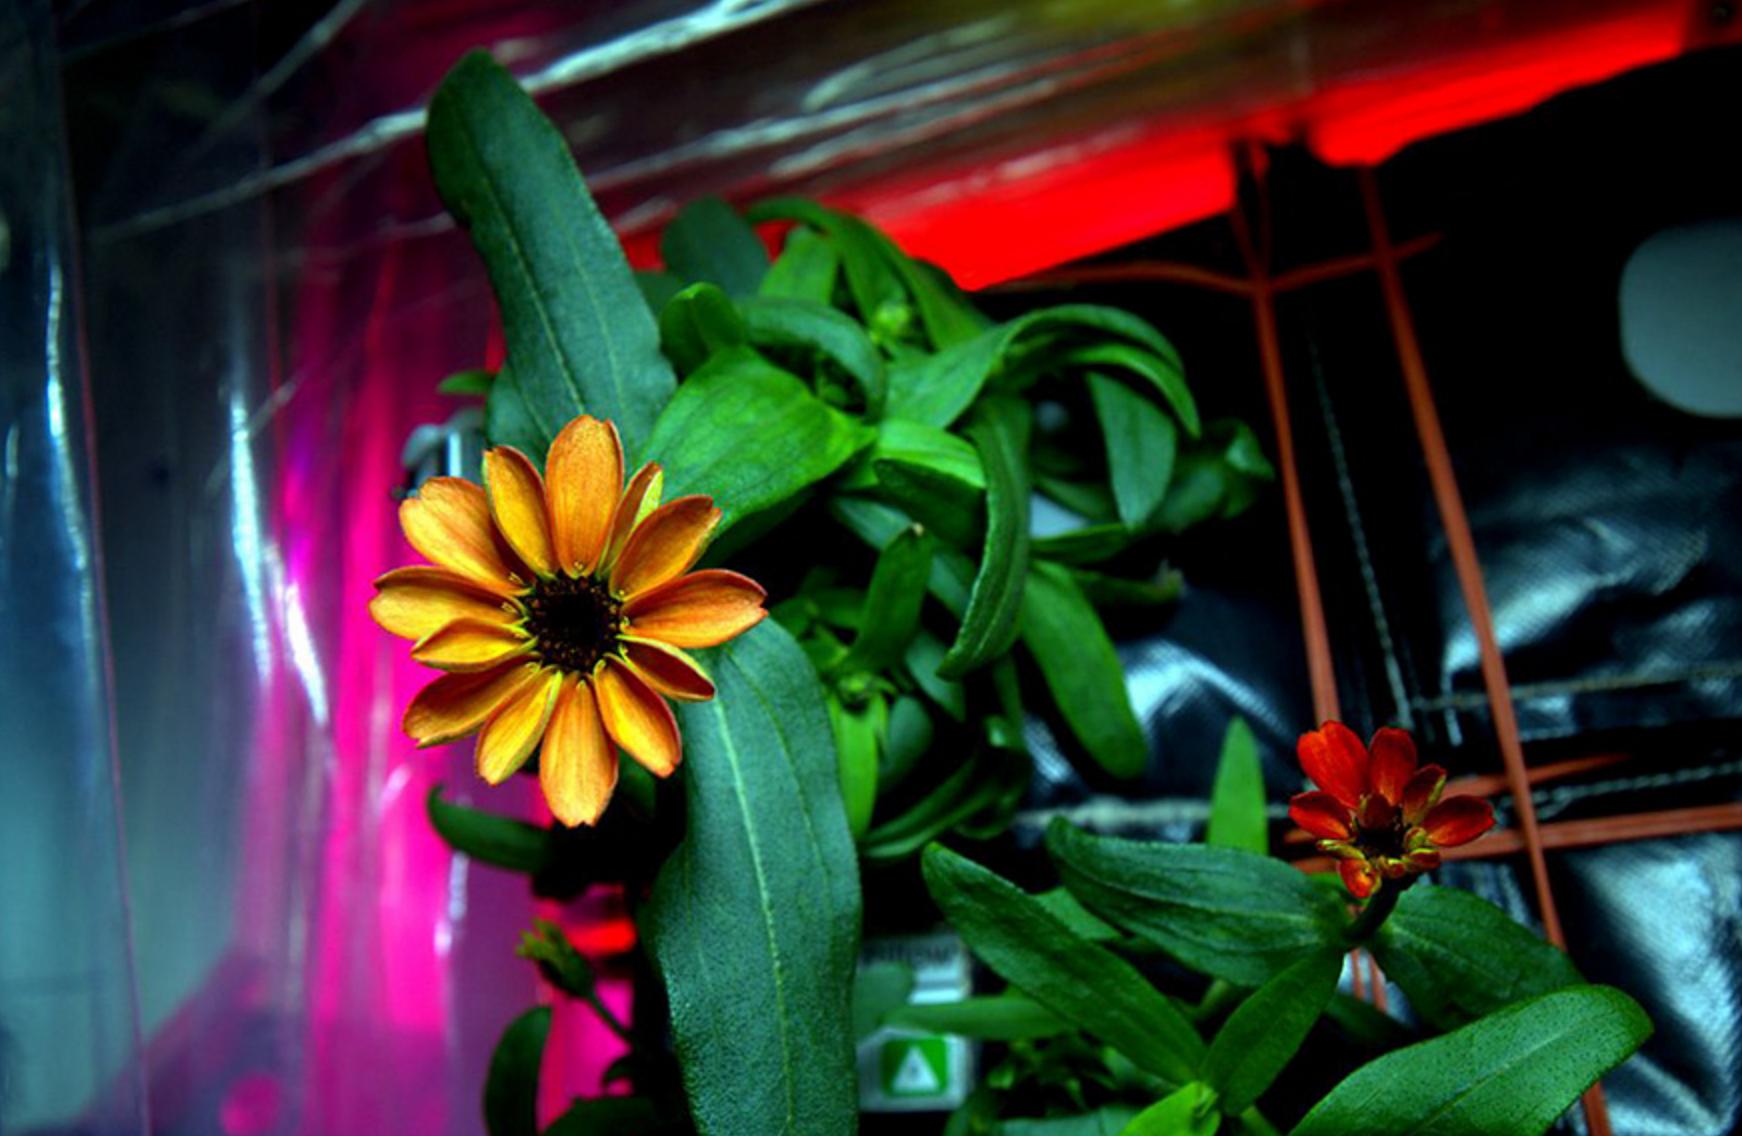 uzayda yetişen zinya çiçeği